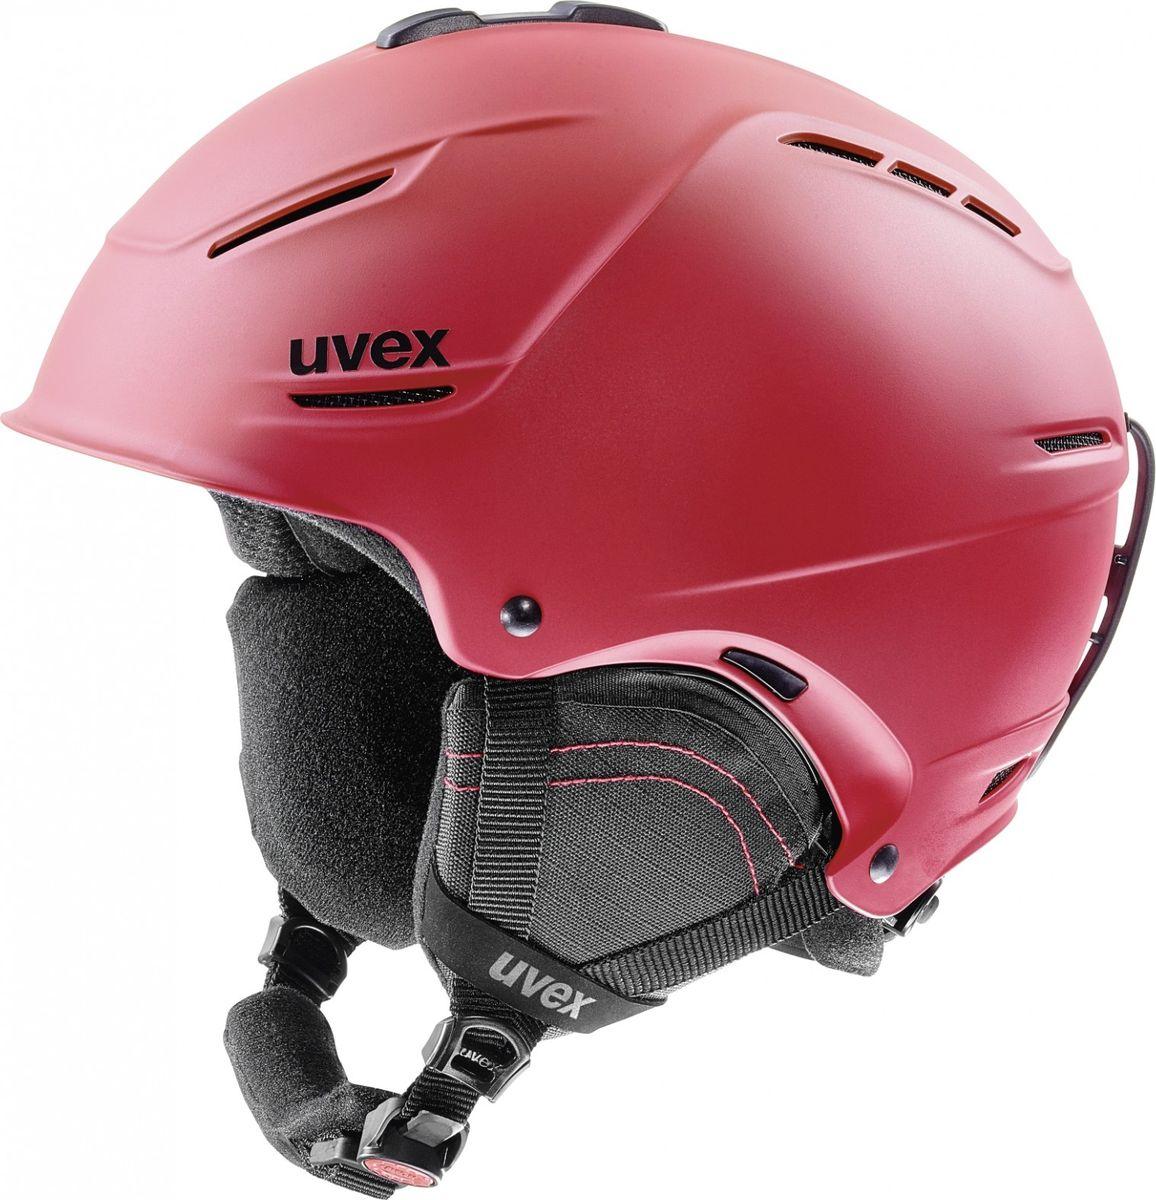 Шлем горнолыжный Uvex  P1us 2.0 Helmet , цвет: красный матовый. Размер 55/59 - Горные лыжи